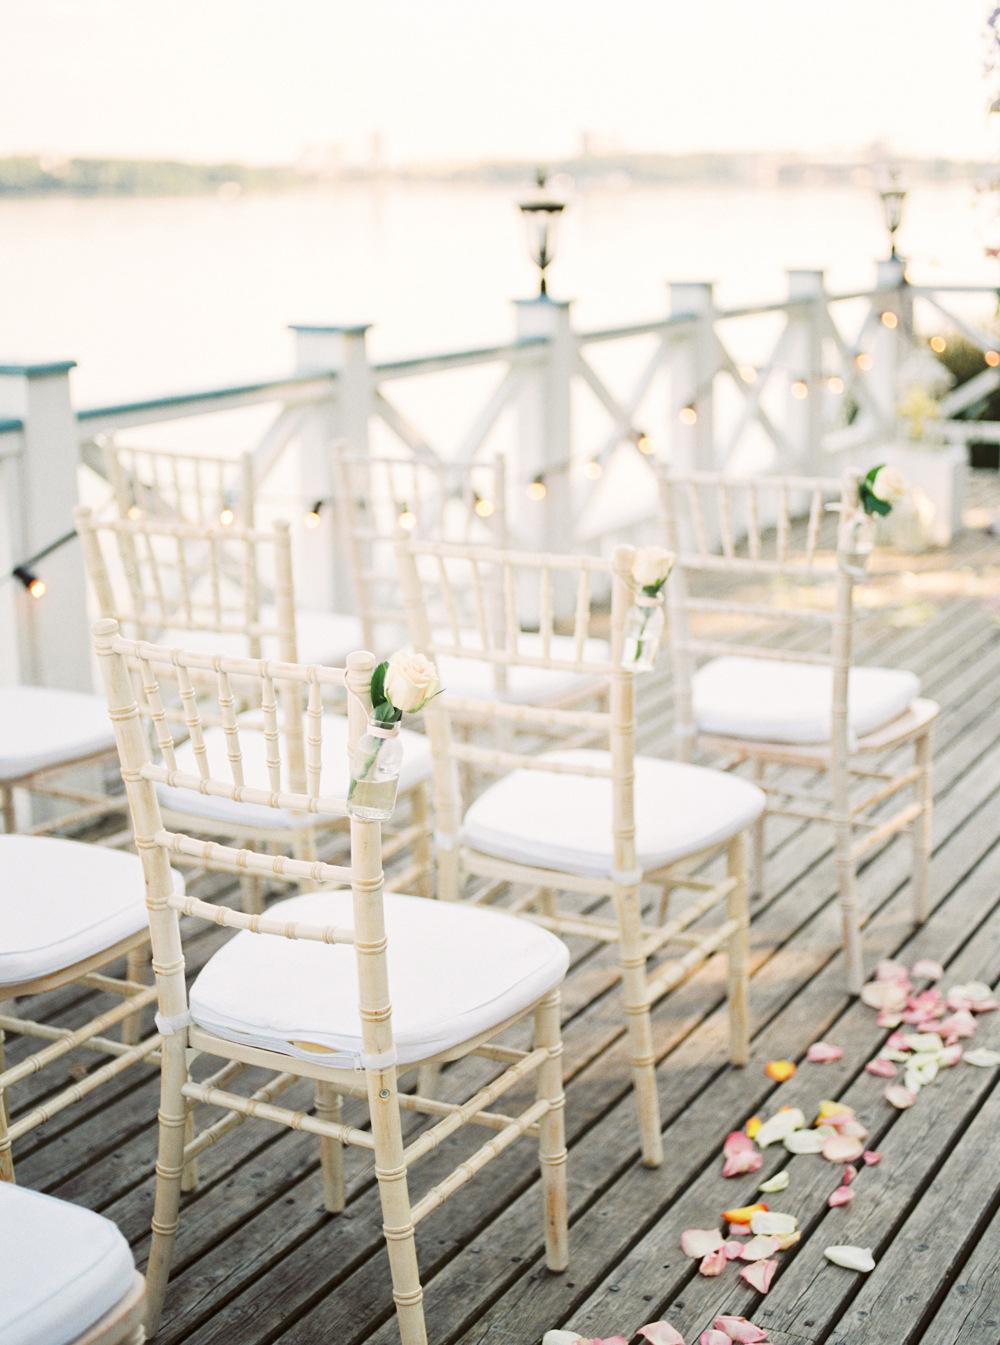 Европейская романтика: свадьба с английским акцентом